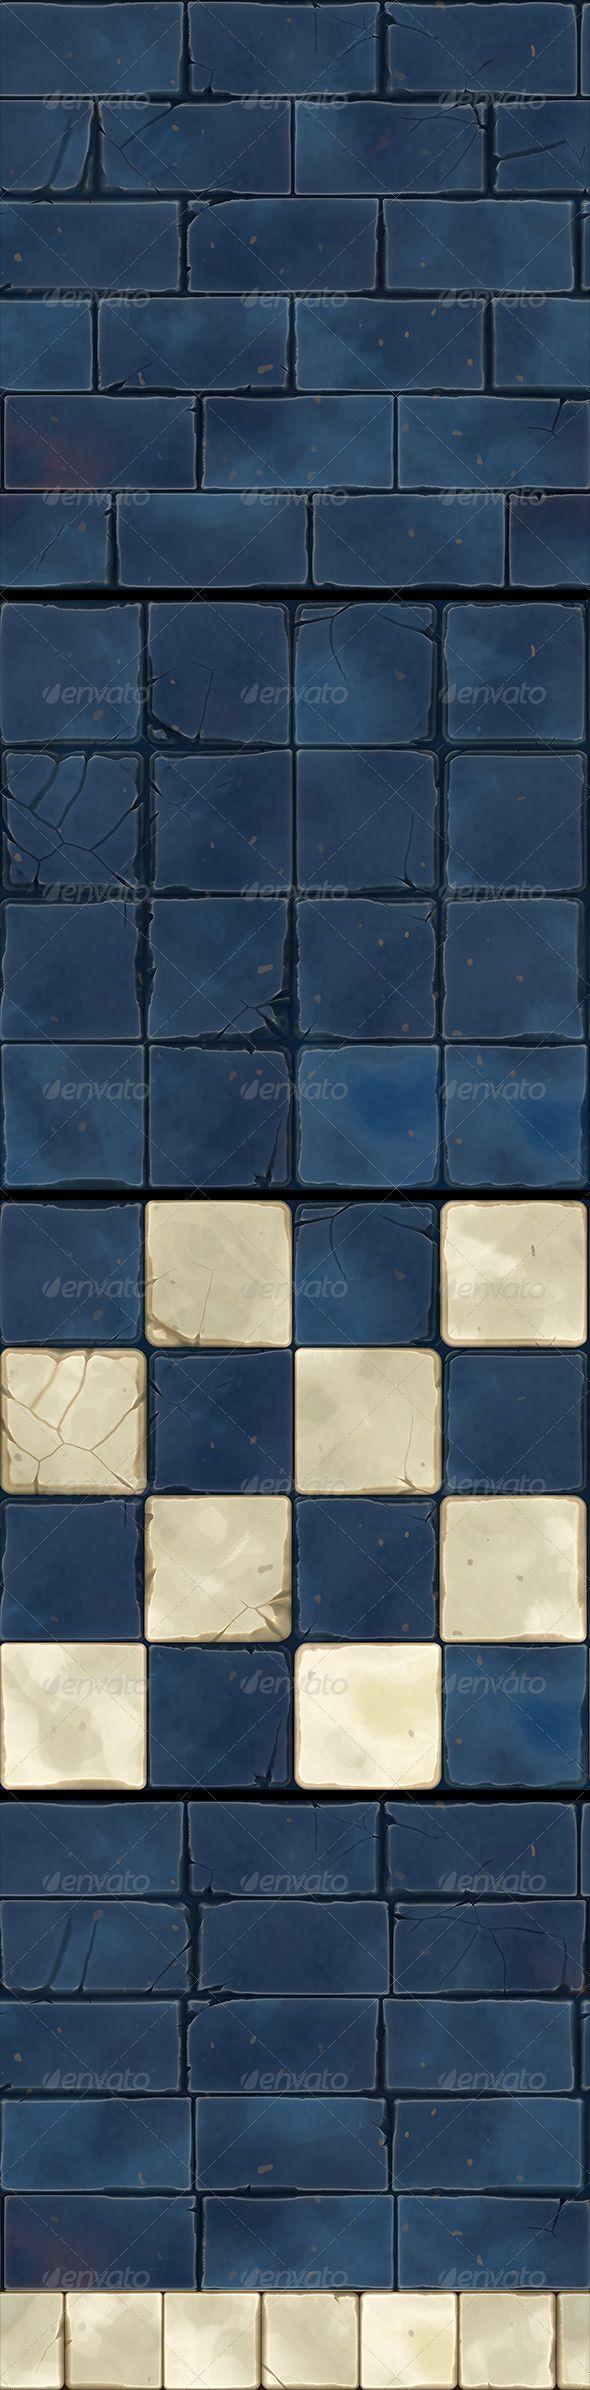 Hand+Painted+Dungeon+Floor+Tiles